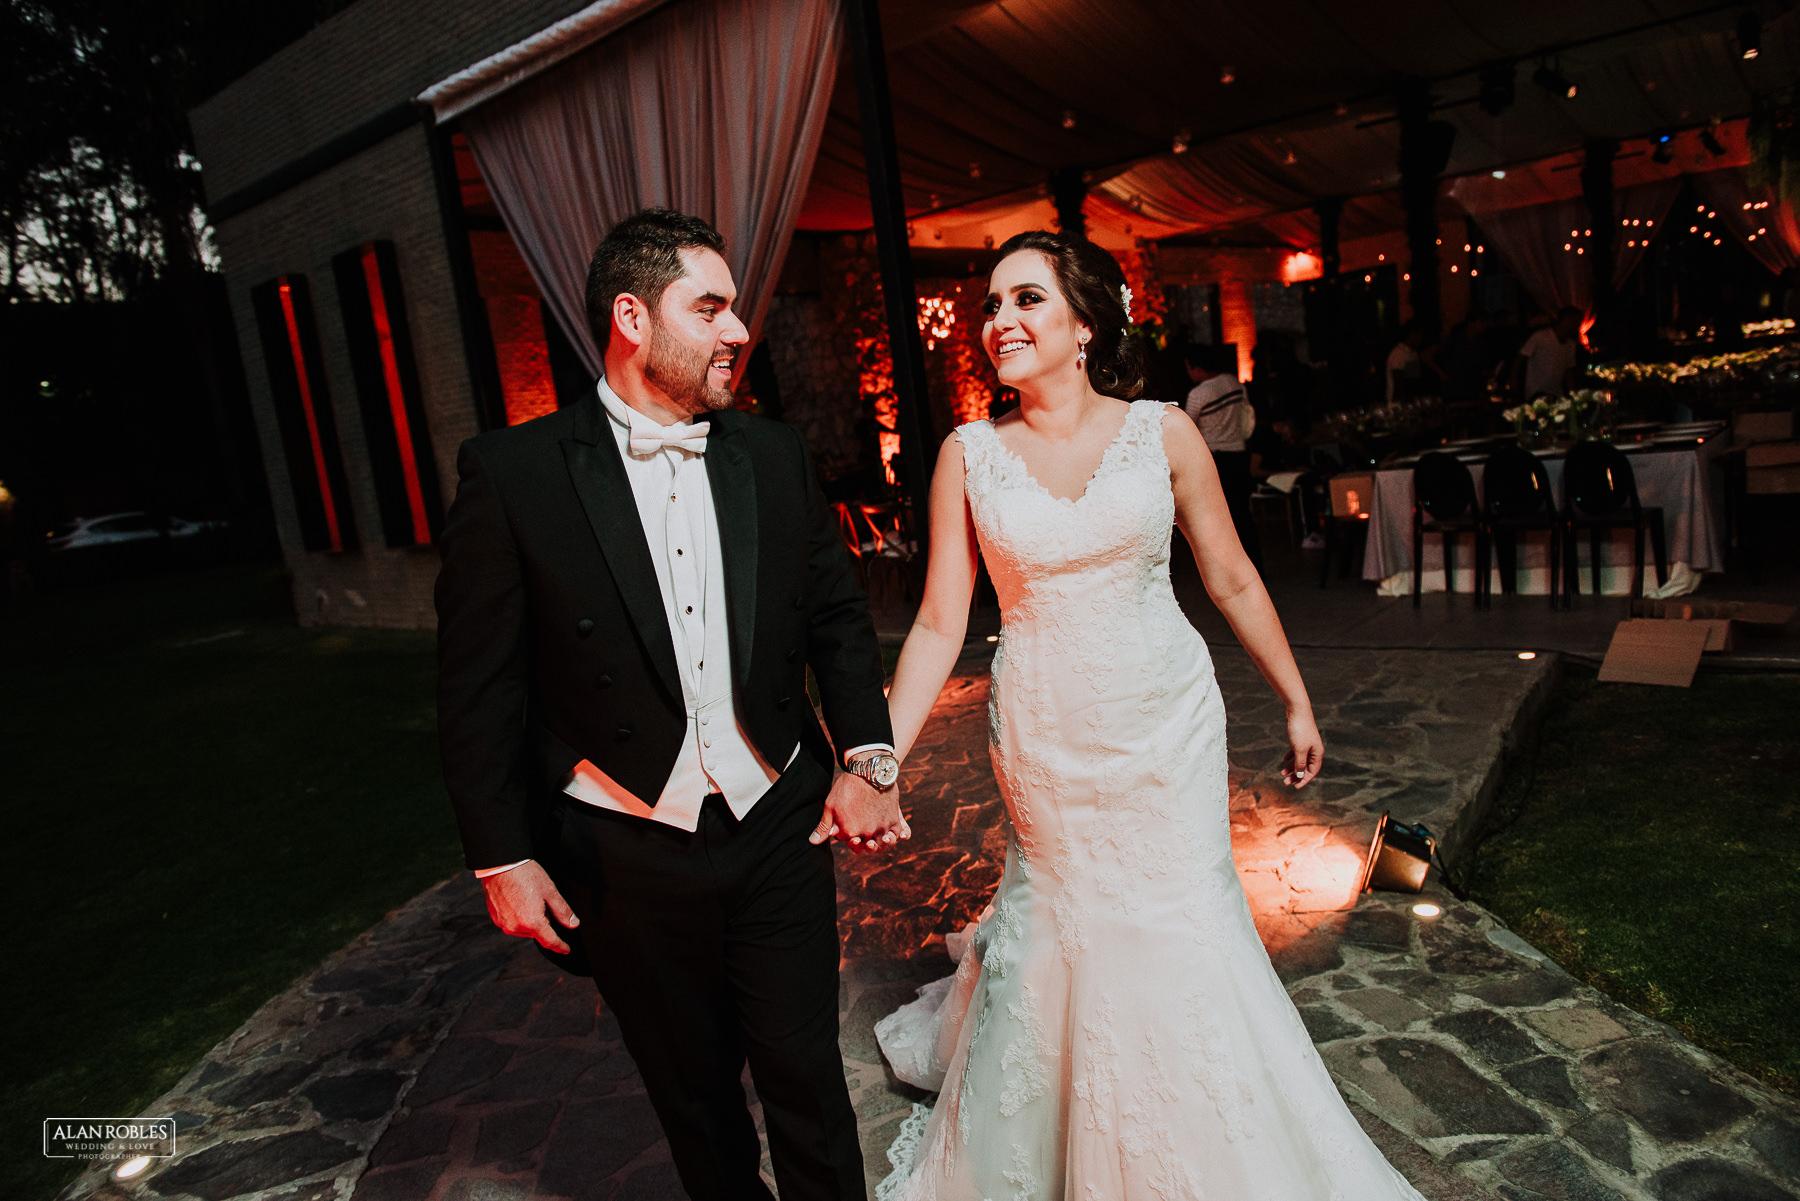 Fotografo de bodas Alan Robles-Casa Clementina Guadalajara DyA-45